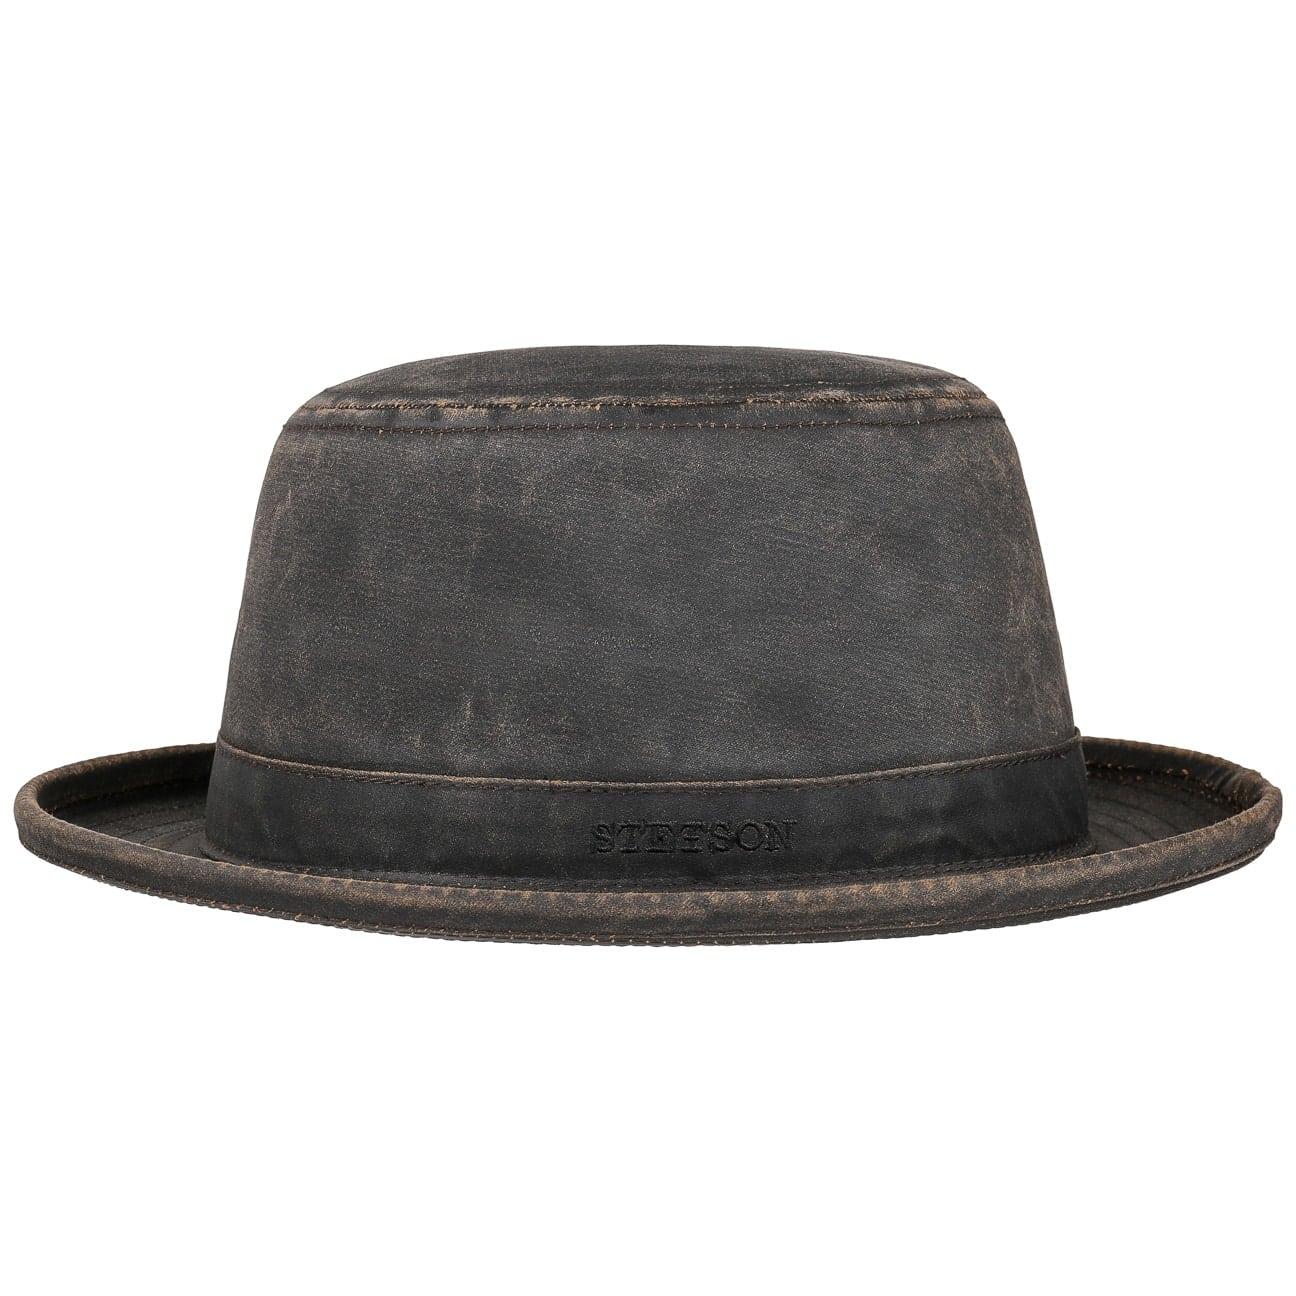 Sombrero Top Hat Pork Pie by Stetson - Sombreros - sombreroshop.es e42fcc37389